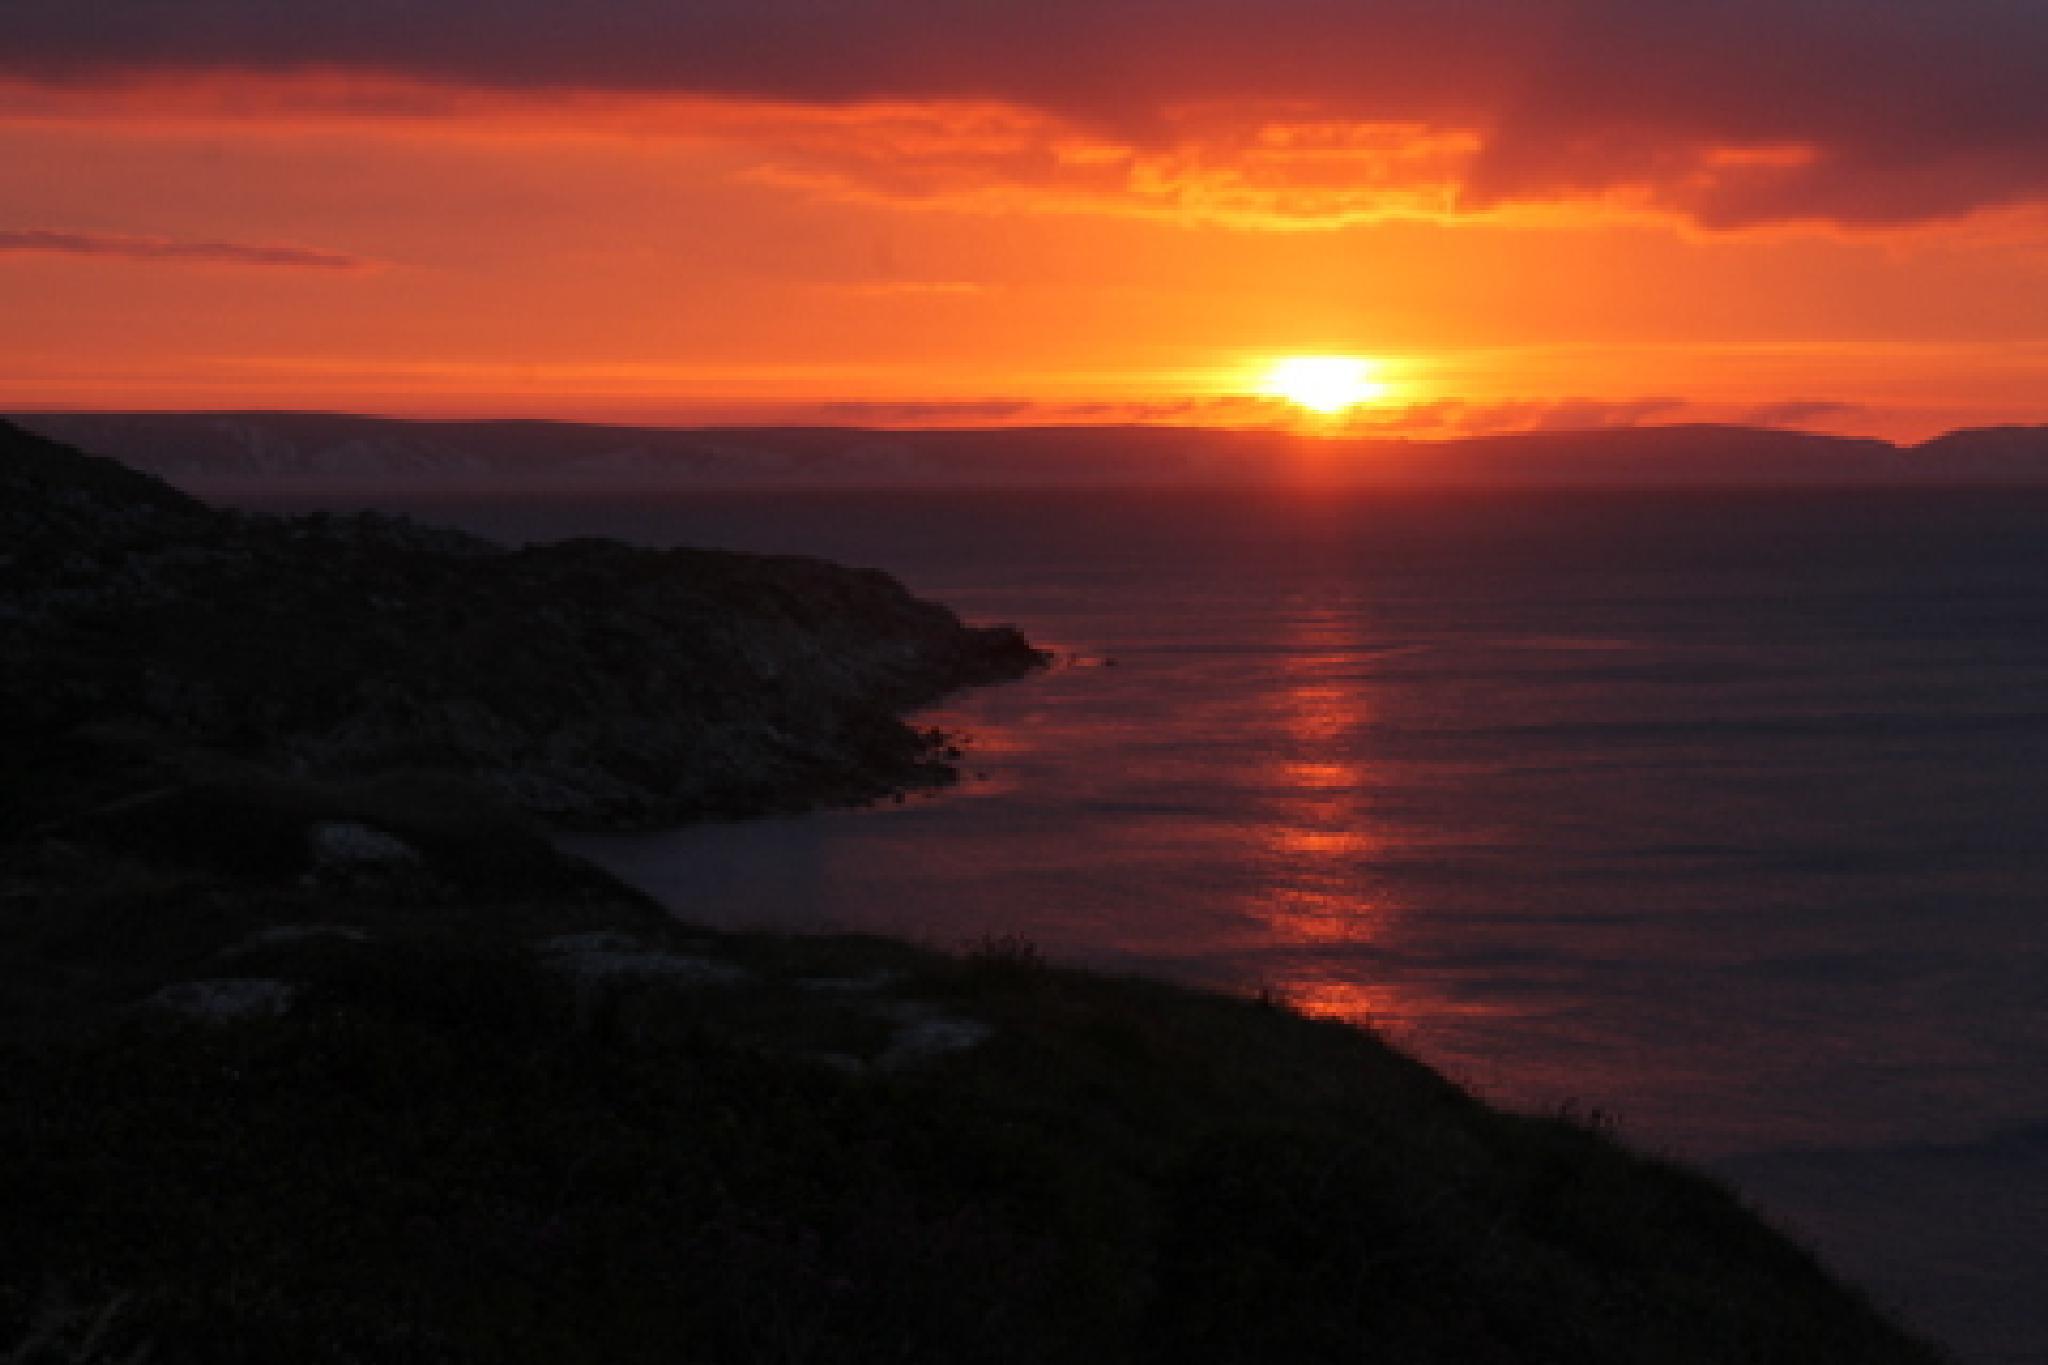 solstice sunrise by jeremy1960